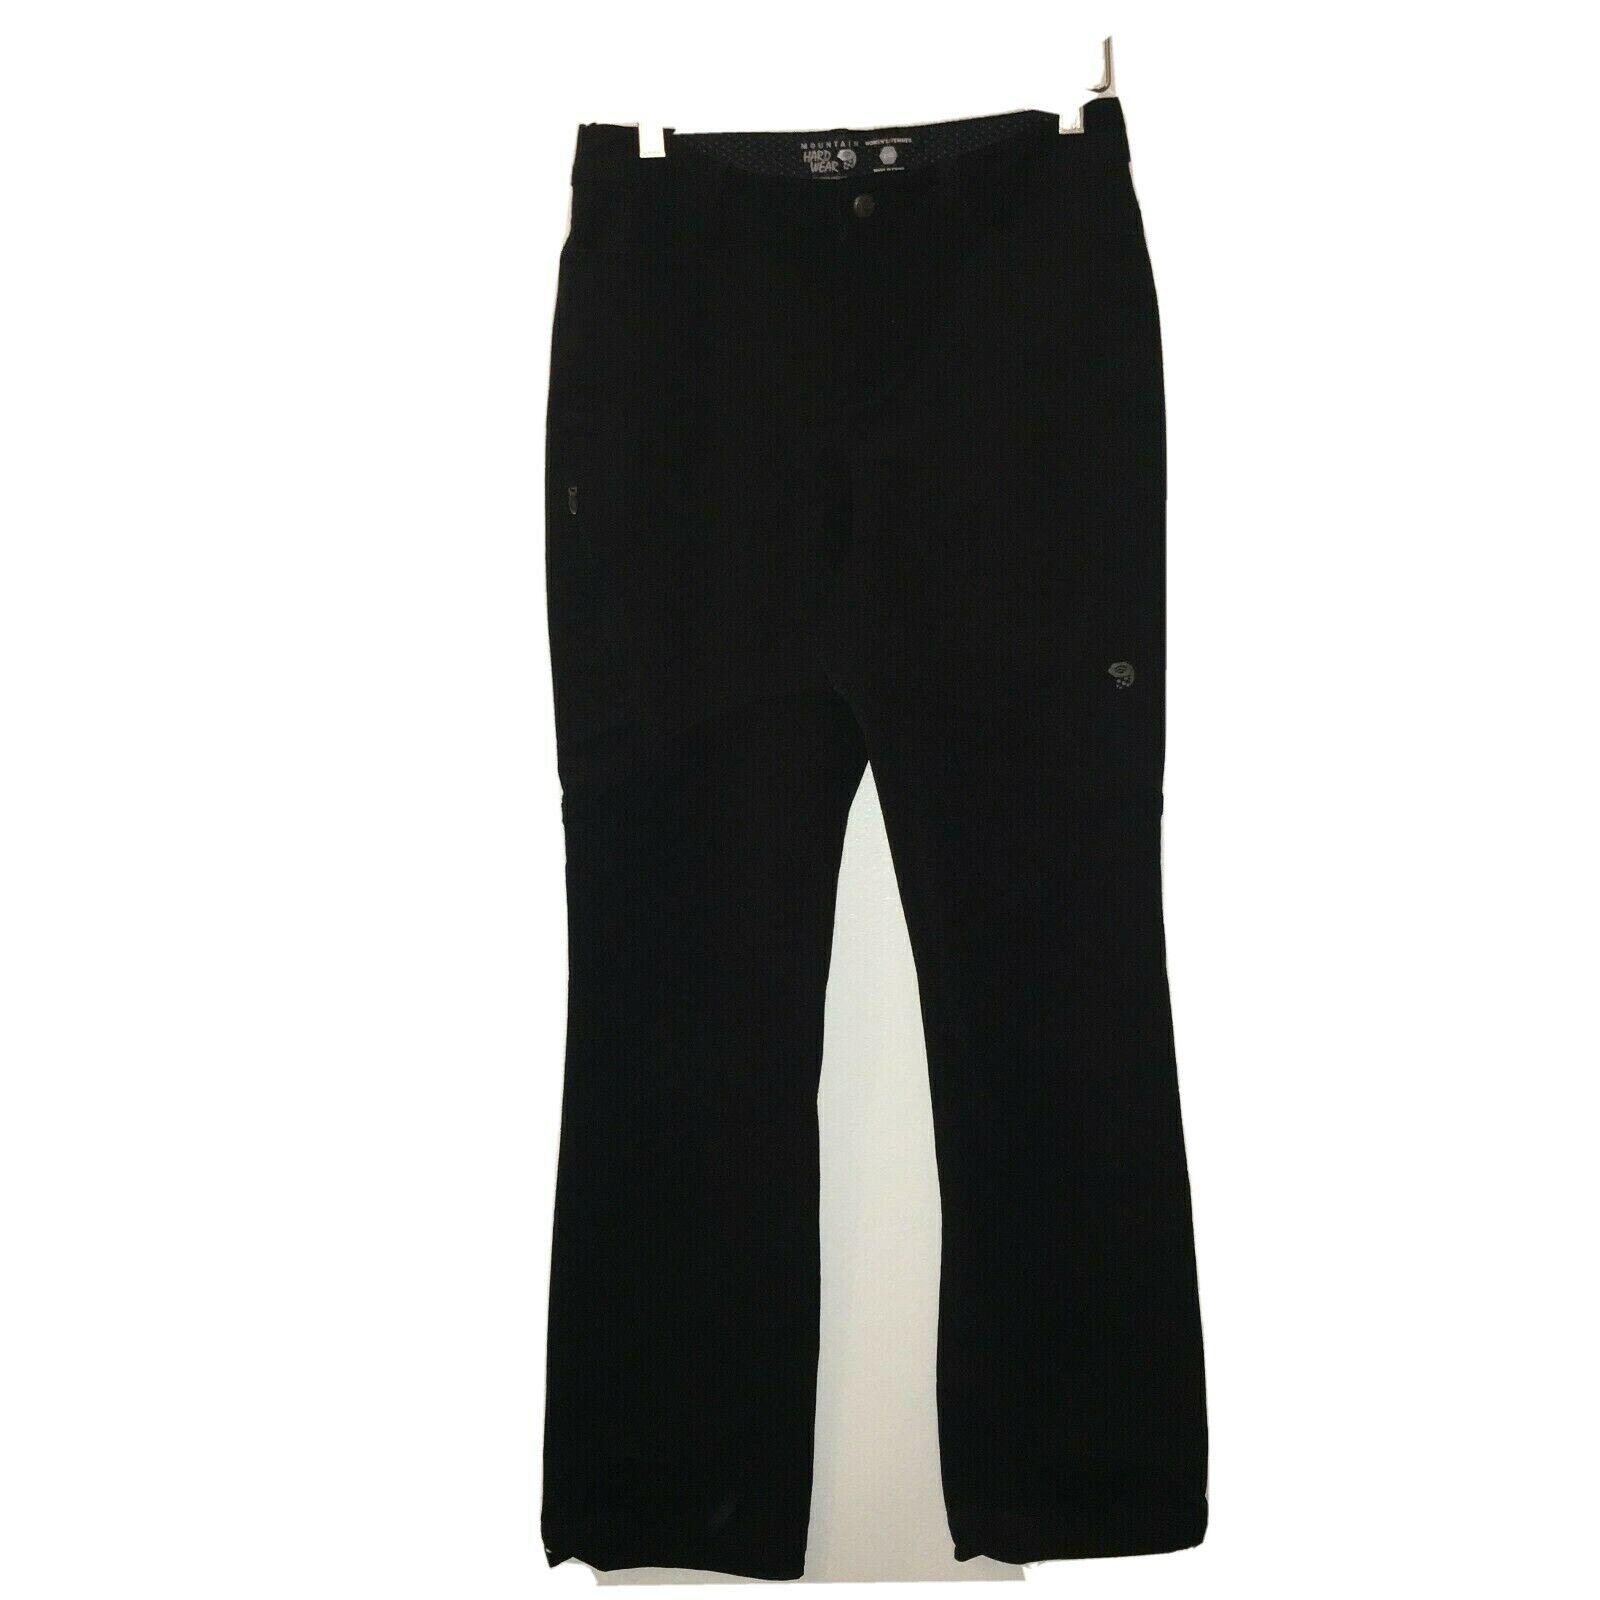 2 x 32 long women's mountain hardwear pants thick black outdoor hiking 21-2221